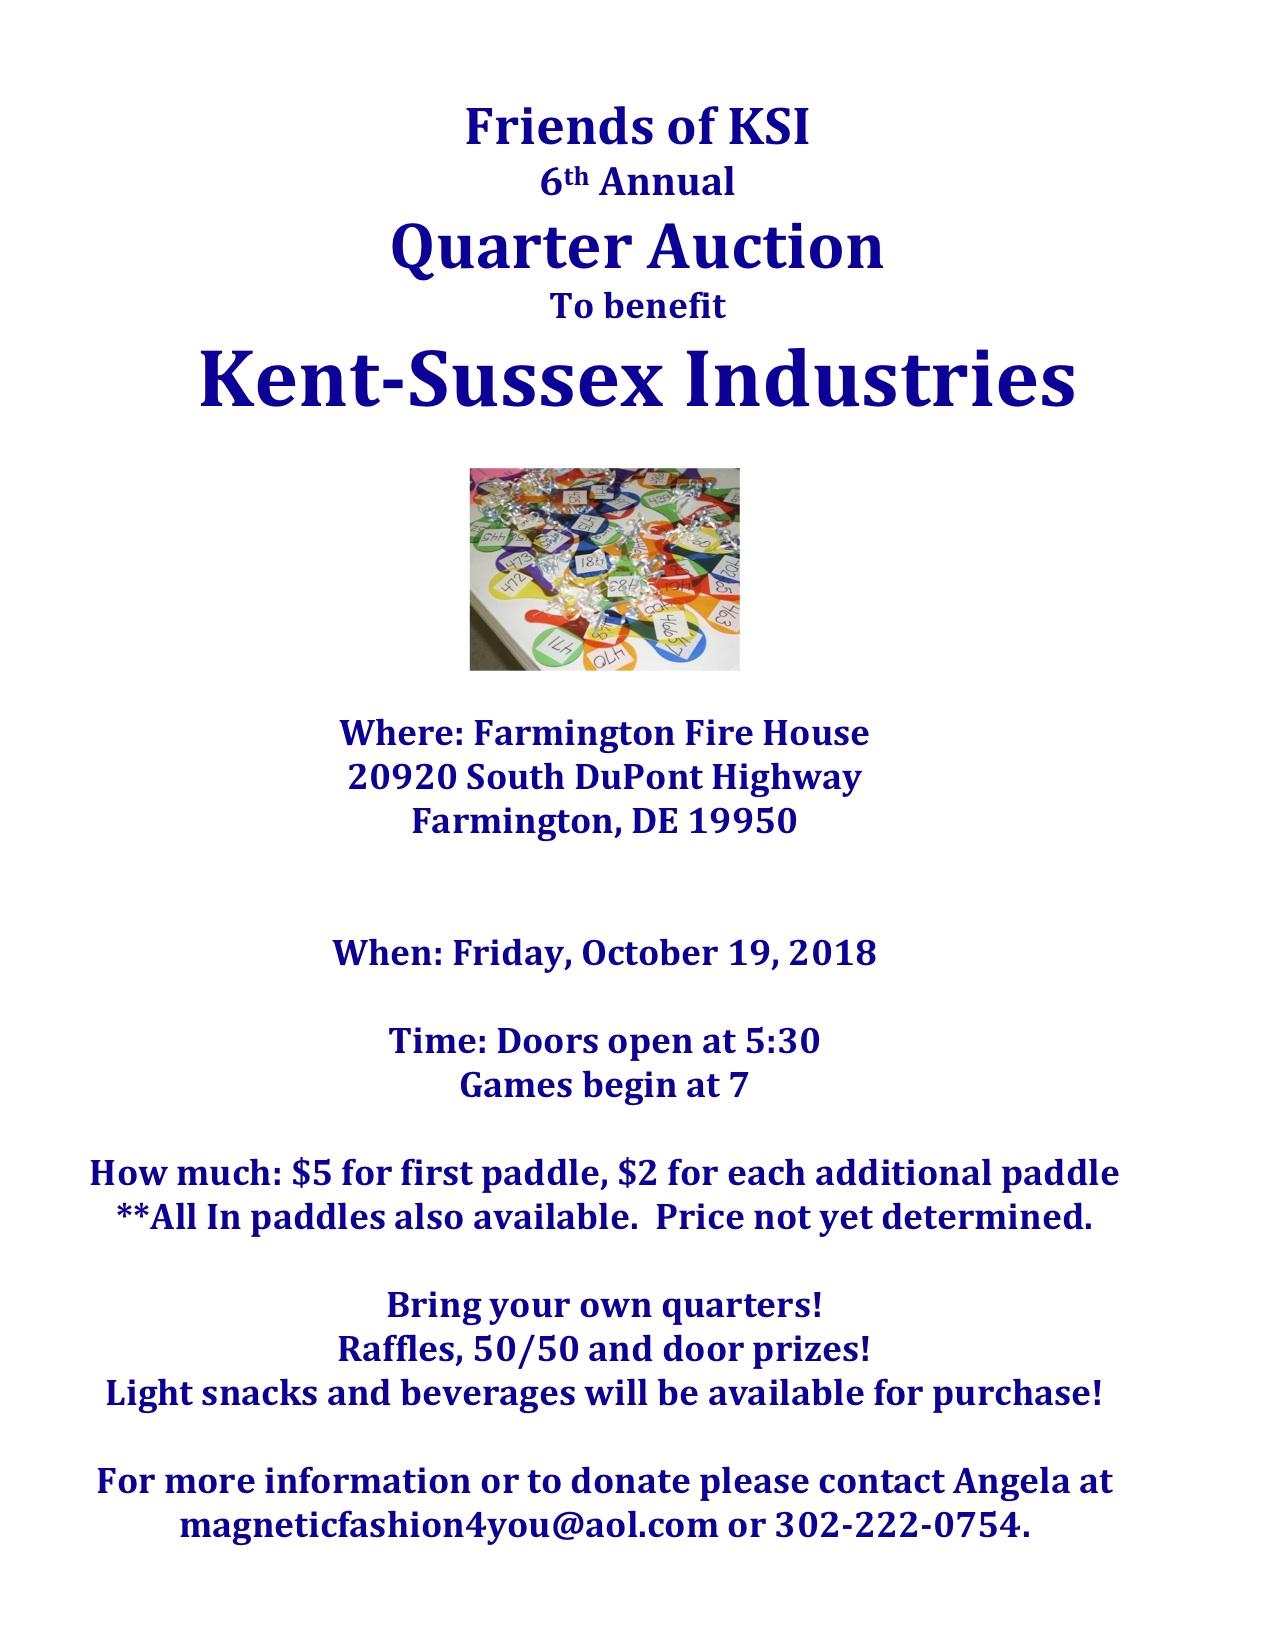 Friends of KSI 6th Annual Quarter Auction - DelmarvaLife